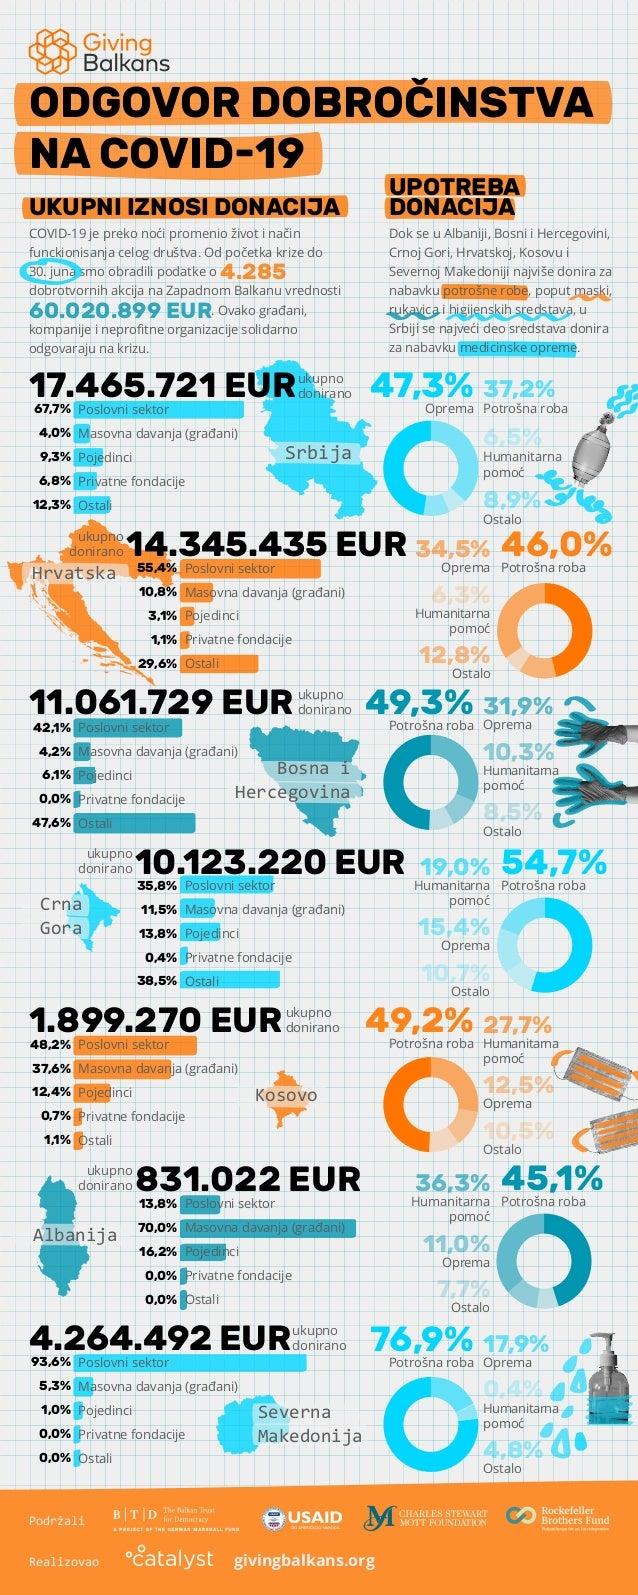 47,3%Oprema 37,2% Potrošna roba 6,5% Humanitarna pomoć 8,9% Ostalo ODGOVOR DOBROČINSTVA NA COVID-19 49,3%Potrošna roba 31,...